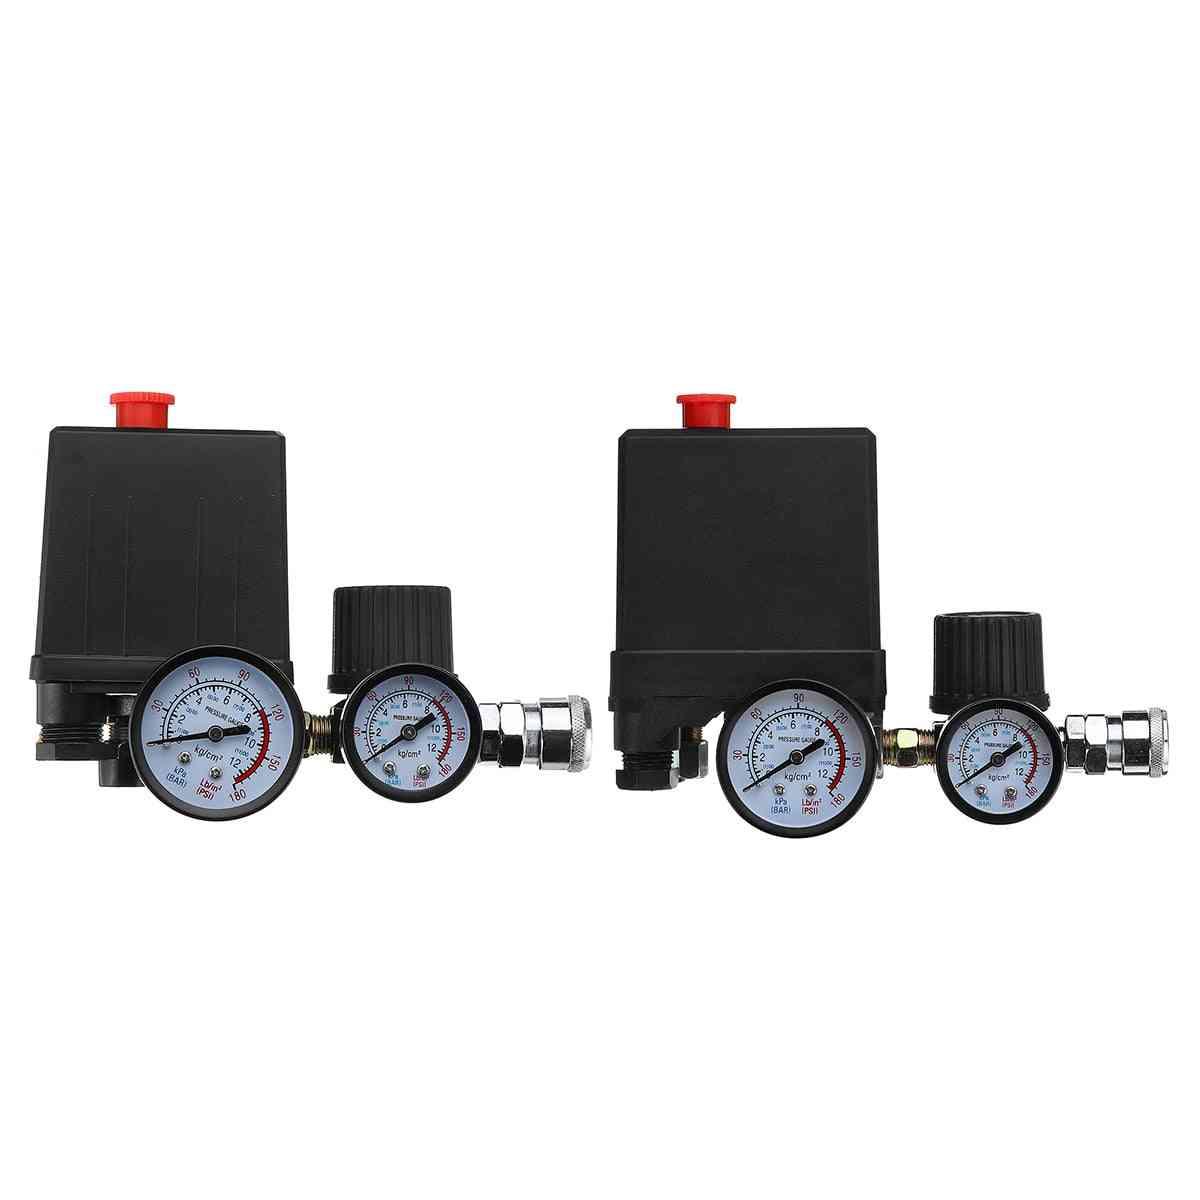 Air Compressor Pump, Pressure Control Switch, 4-port Regulator